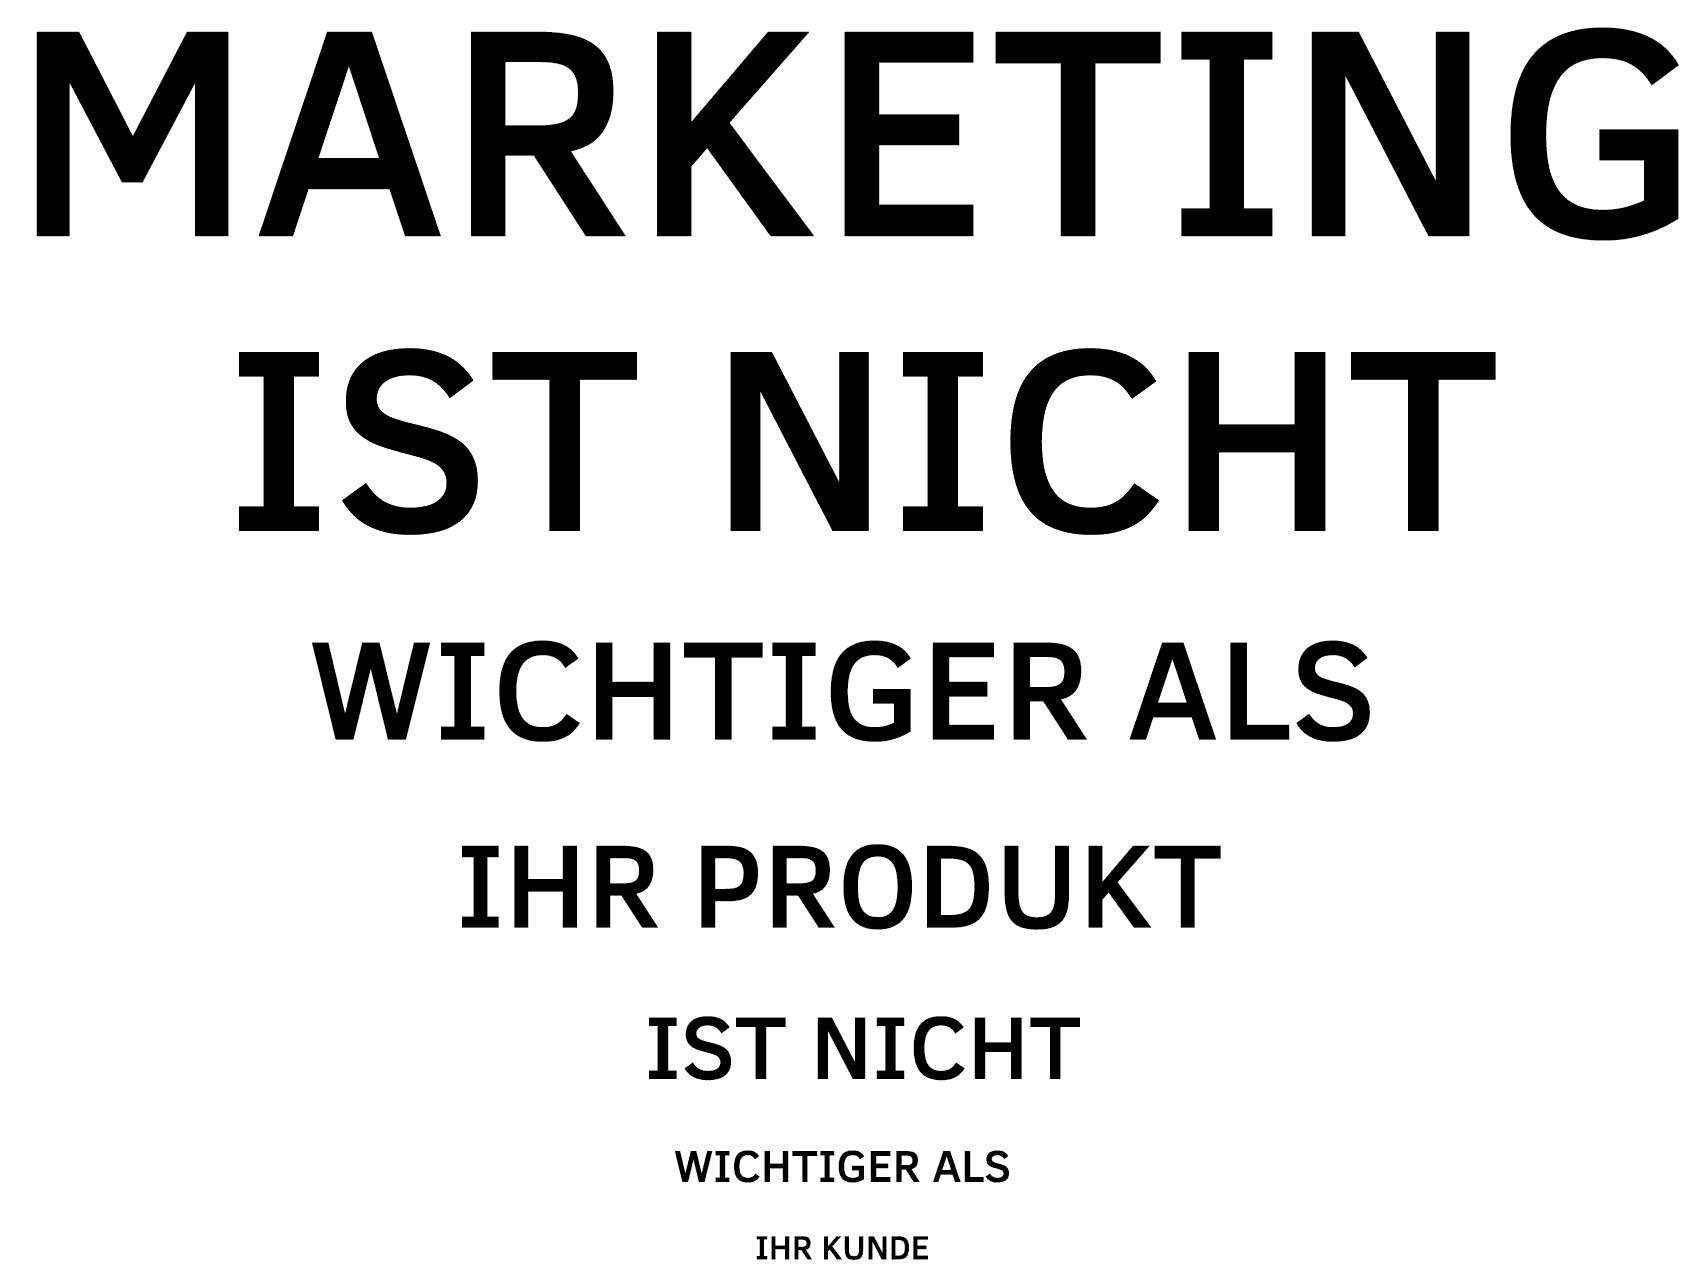 Firmenphilosophie - Marketing ist nicht wichtiger als Ihr Produkt